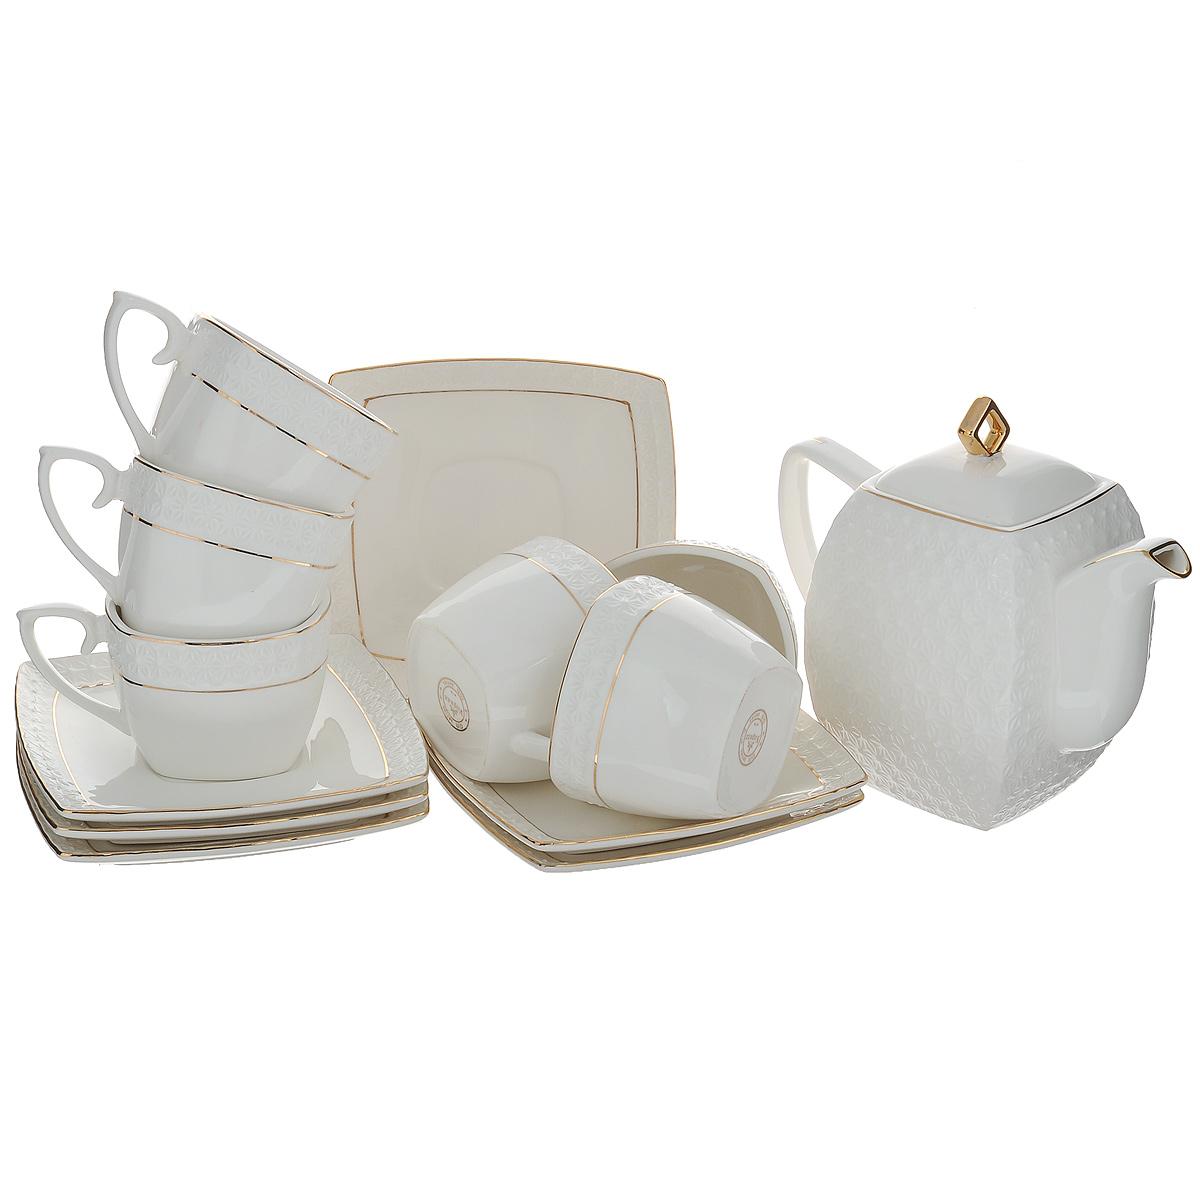 Набор чайный Korall Снежная королева, цвет: белый, 13 предметовDFC02063-02208 4/SЧайный набор Korall Снежная королева состоит из шести чашек, шести блюдец и чайника, изготовленных из высококачественной керамики. Изделия оформлены рельефным узором и позолоченной каймой. Изящный дизайн придется по вкусу и ценителям классики, и тем, кто предпочитает утонченность и изысканность. Изделия упакованы в подарочную коробку, драпированную атласной тканью. Нельзя мыть в посудомоечной машине и использовать в микроволновой печи.Размер чашек (по верхнему краю): 8,5 см х 8,5 см. Высота чашек: 6,5 см. Размер блюдец: 15 см х 15 см. Объем чашек: 240 мл. Объем чайника: 900 мл. Высота чайника (без учета крышки): 12,5 см. Размер чайника (по верхнему краю): 5,5 см х 5,5 см.